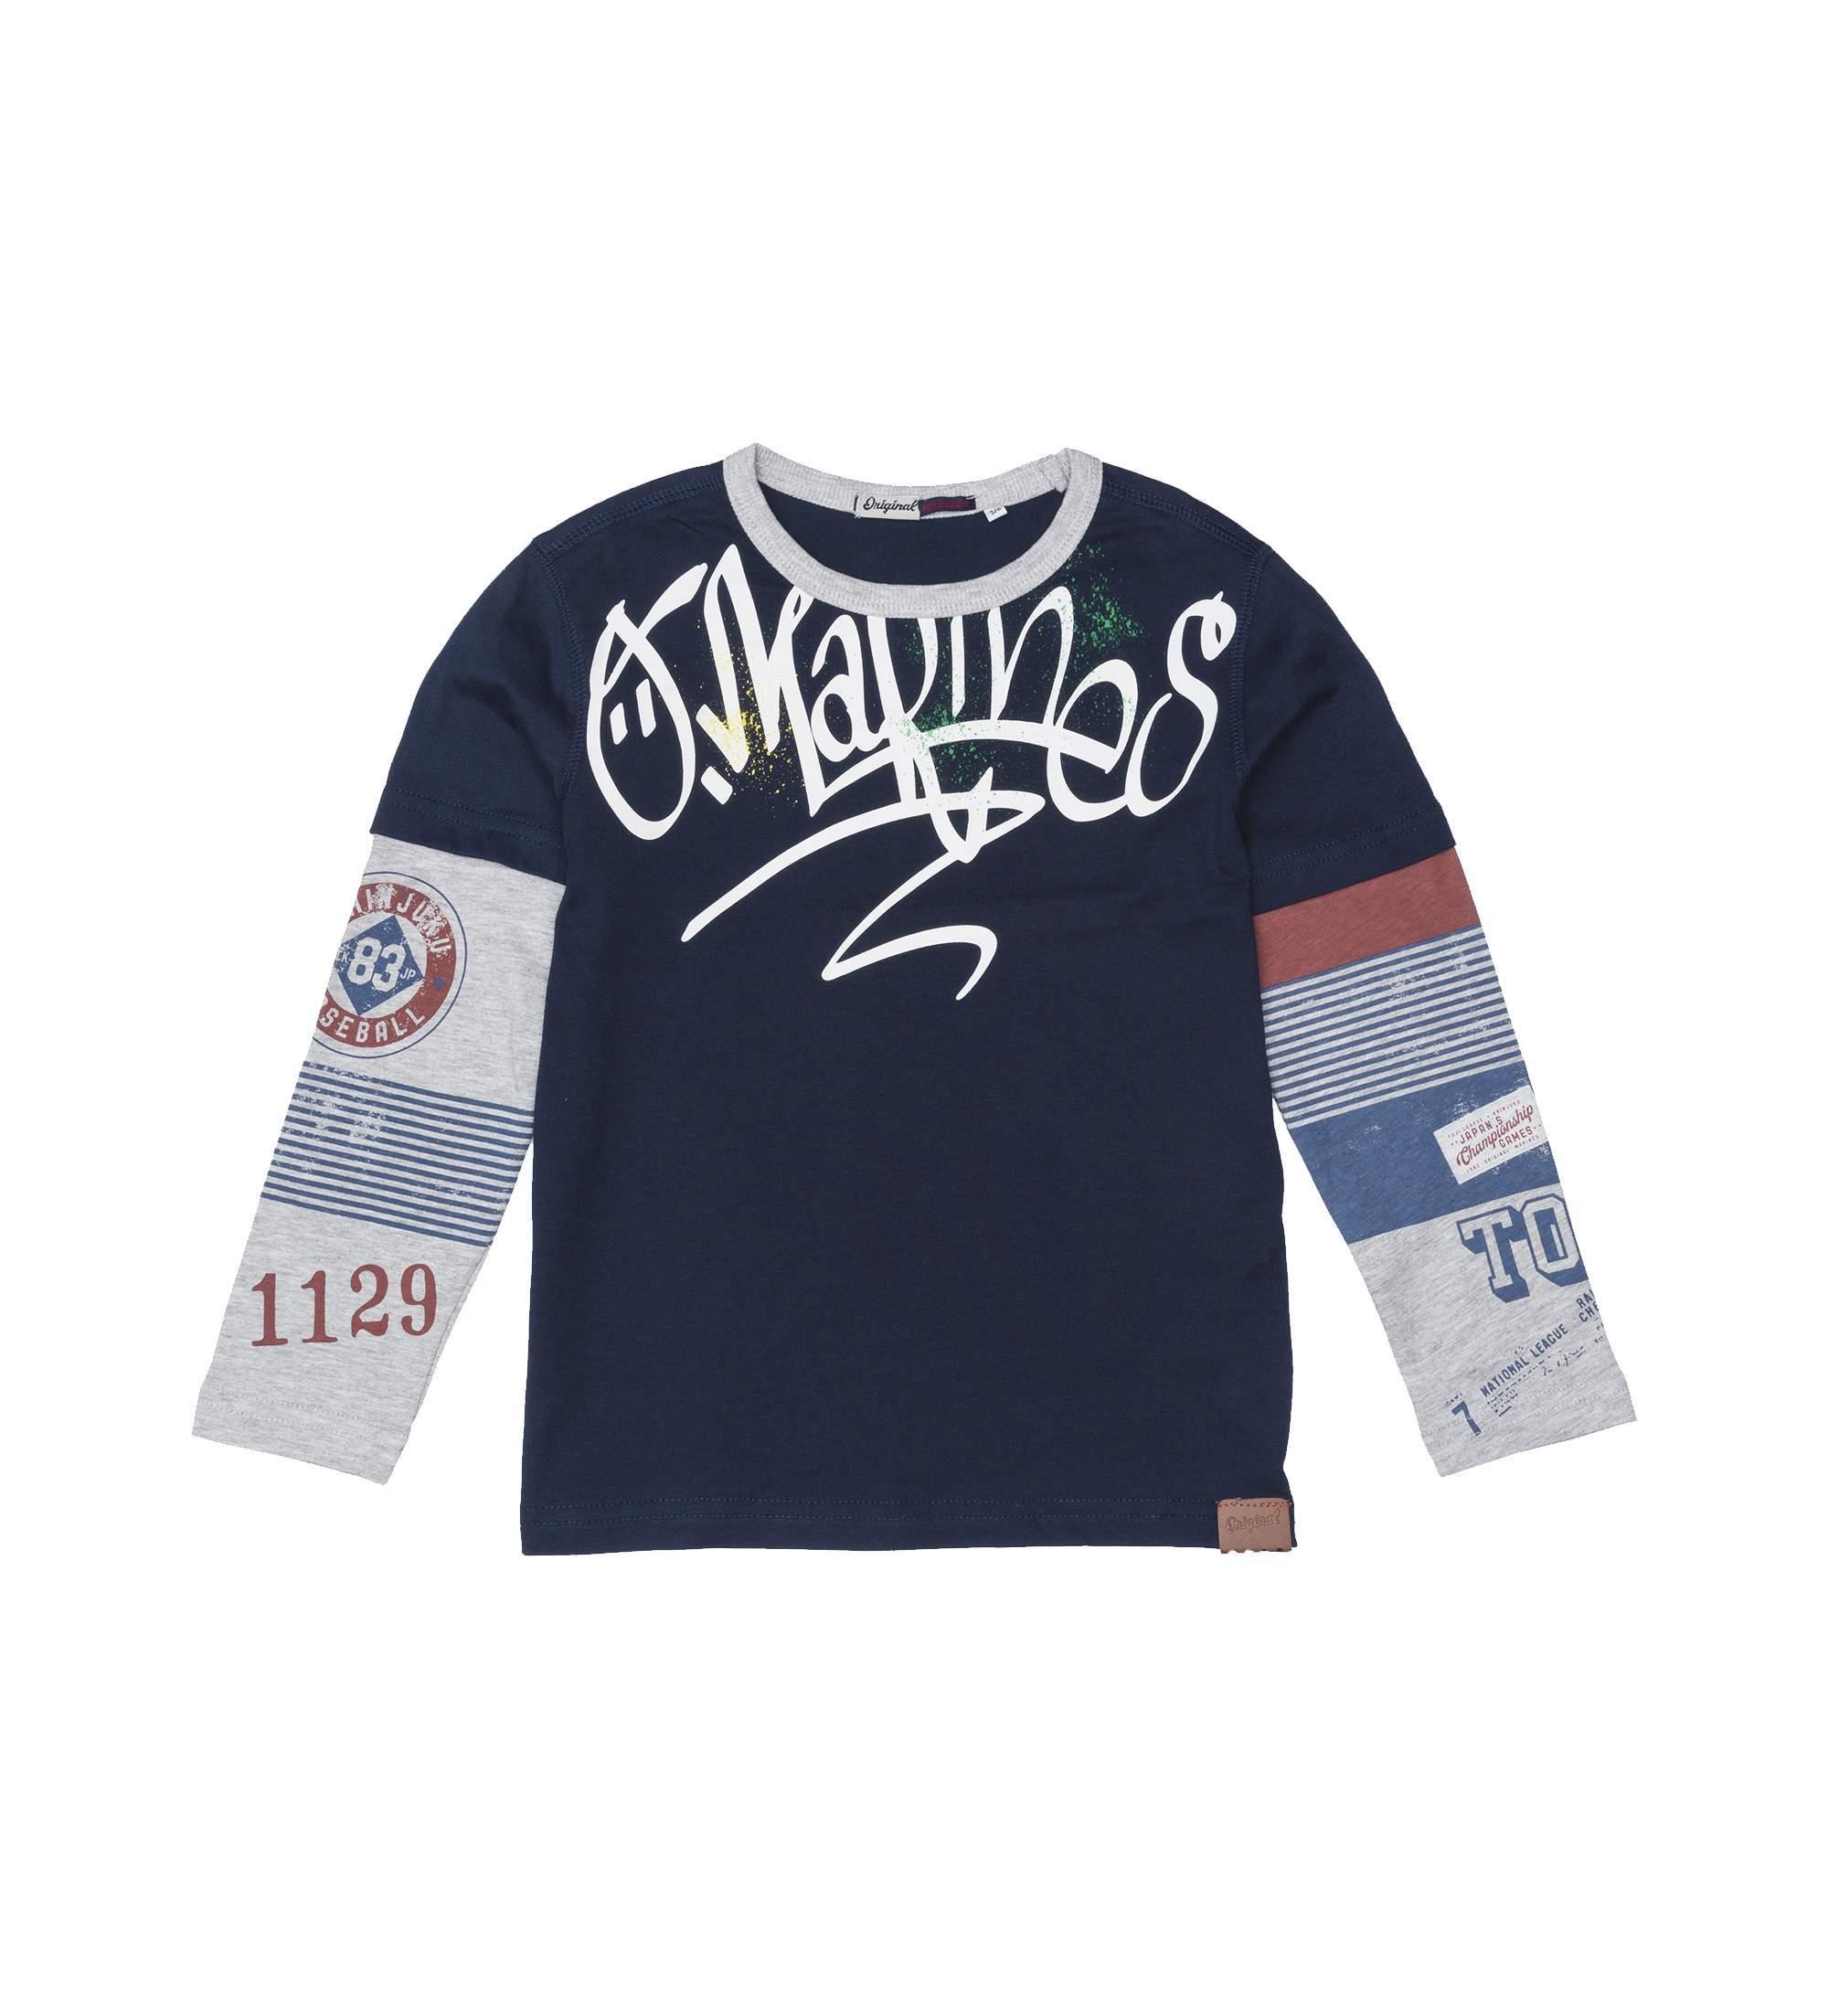 Купить Лонгслив, Футболка с длинным рукавом Original Marines, синий, 164, Мальчики, весна